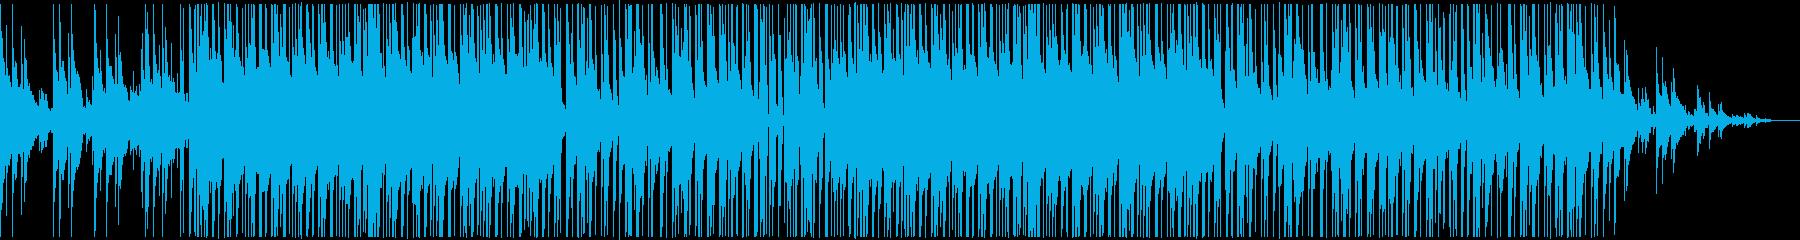 ちょっと切なくてエモいHiphopBGMの再生済みの波形